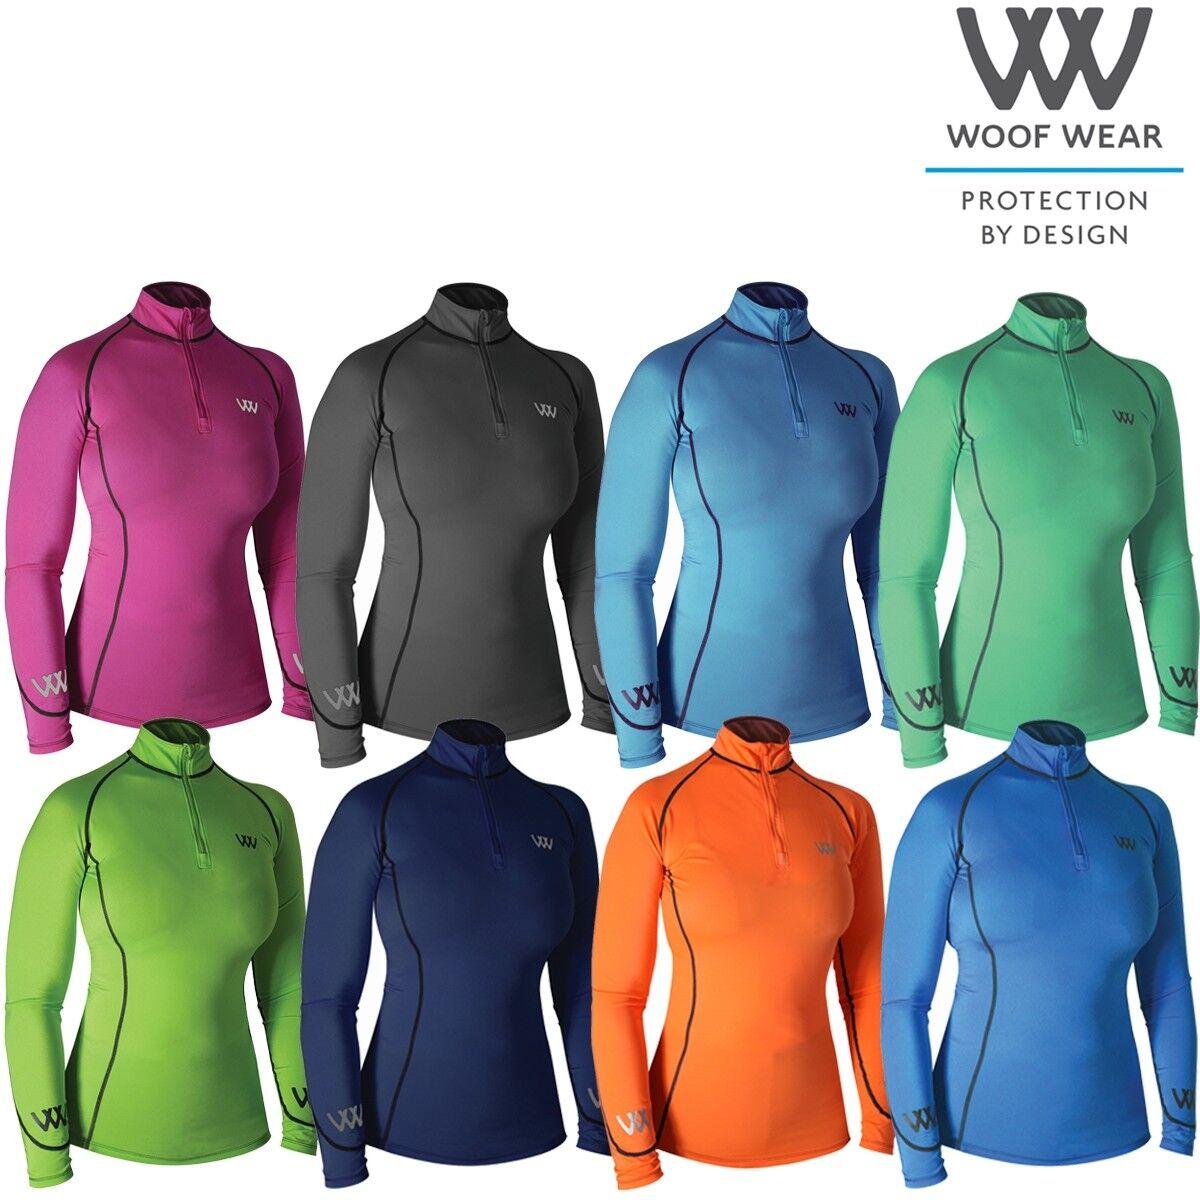 Woof Wear Ladies Performance Riding Shirt - Free UK Shipping